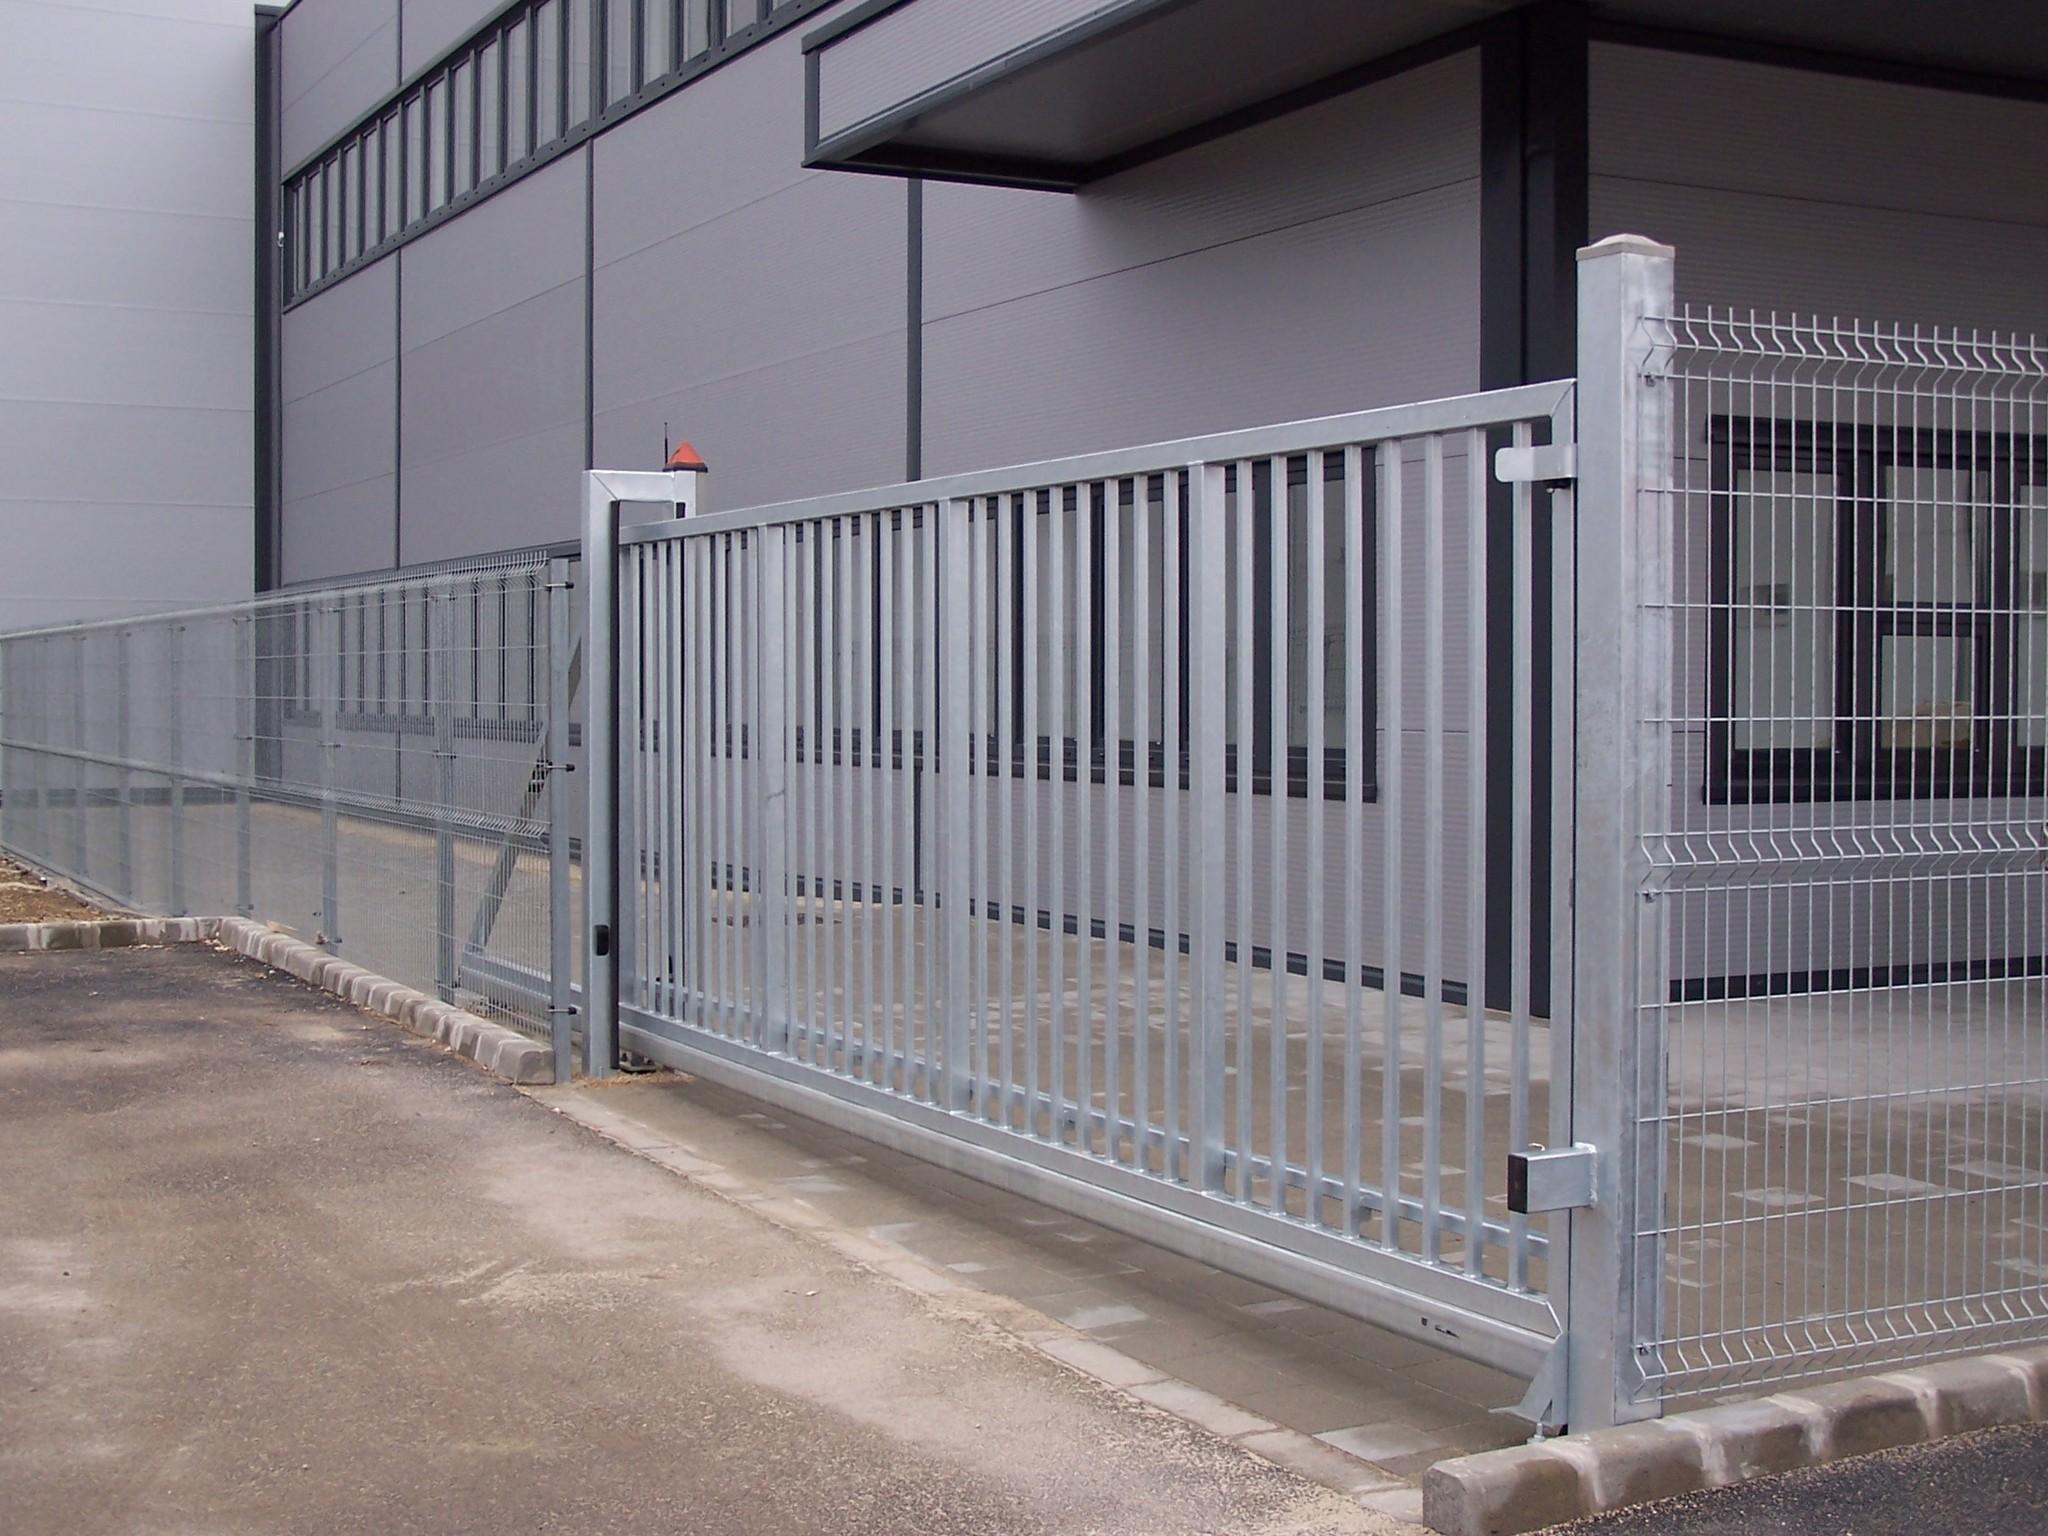 b08ad62fa9 Az árak nem tartalmazzák a kerítésrendszer részét képező, a nyílásméretet  meghatározó oszlopokat, a fogadóoszlopot.